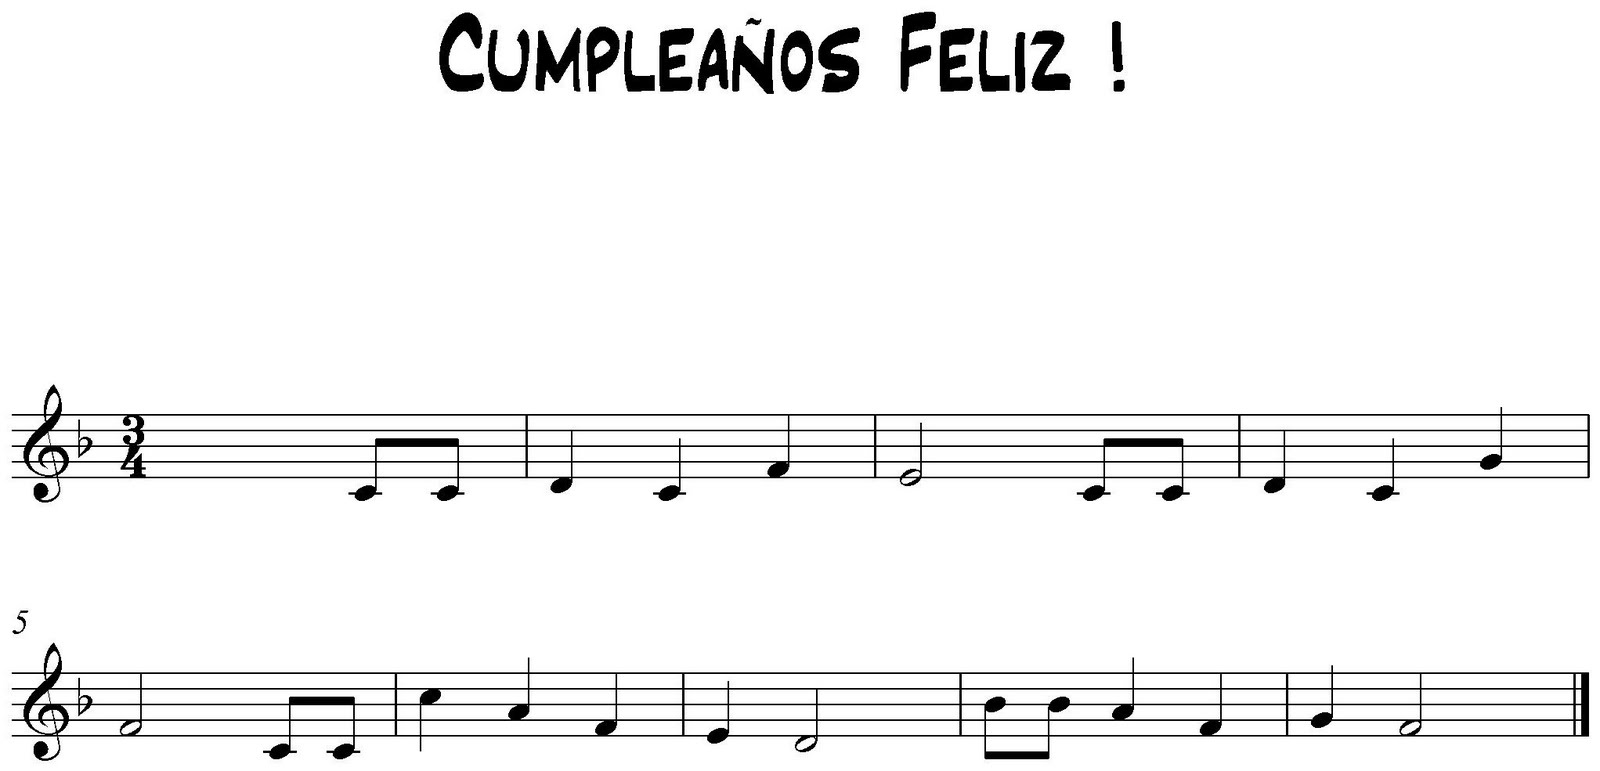 M sica cep doramas cumplea os feliz partitura - Cumpleanos feliz piano ...